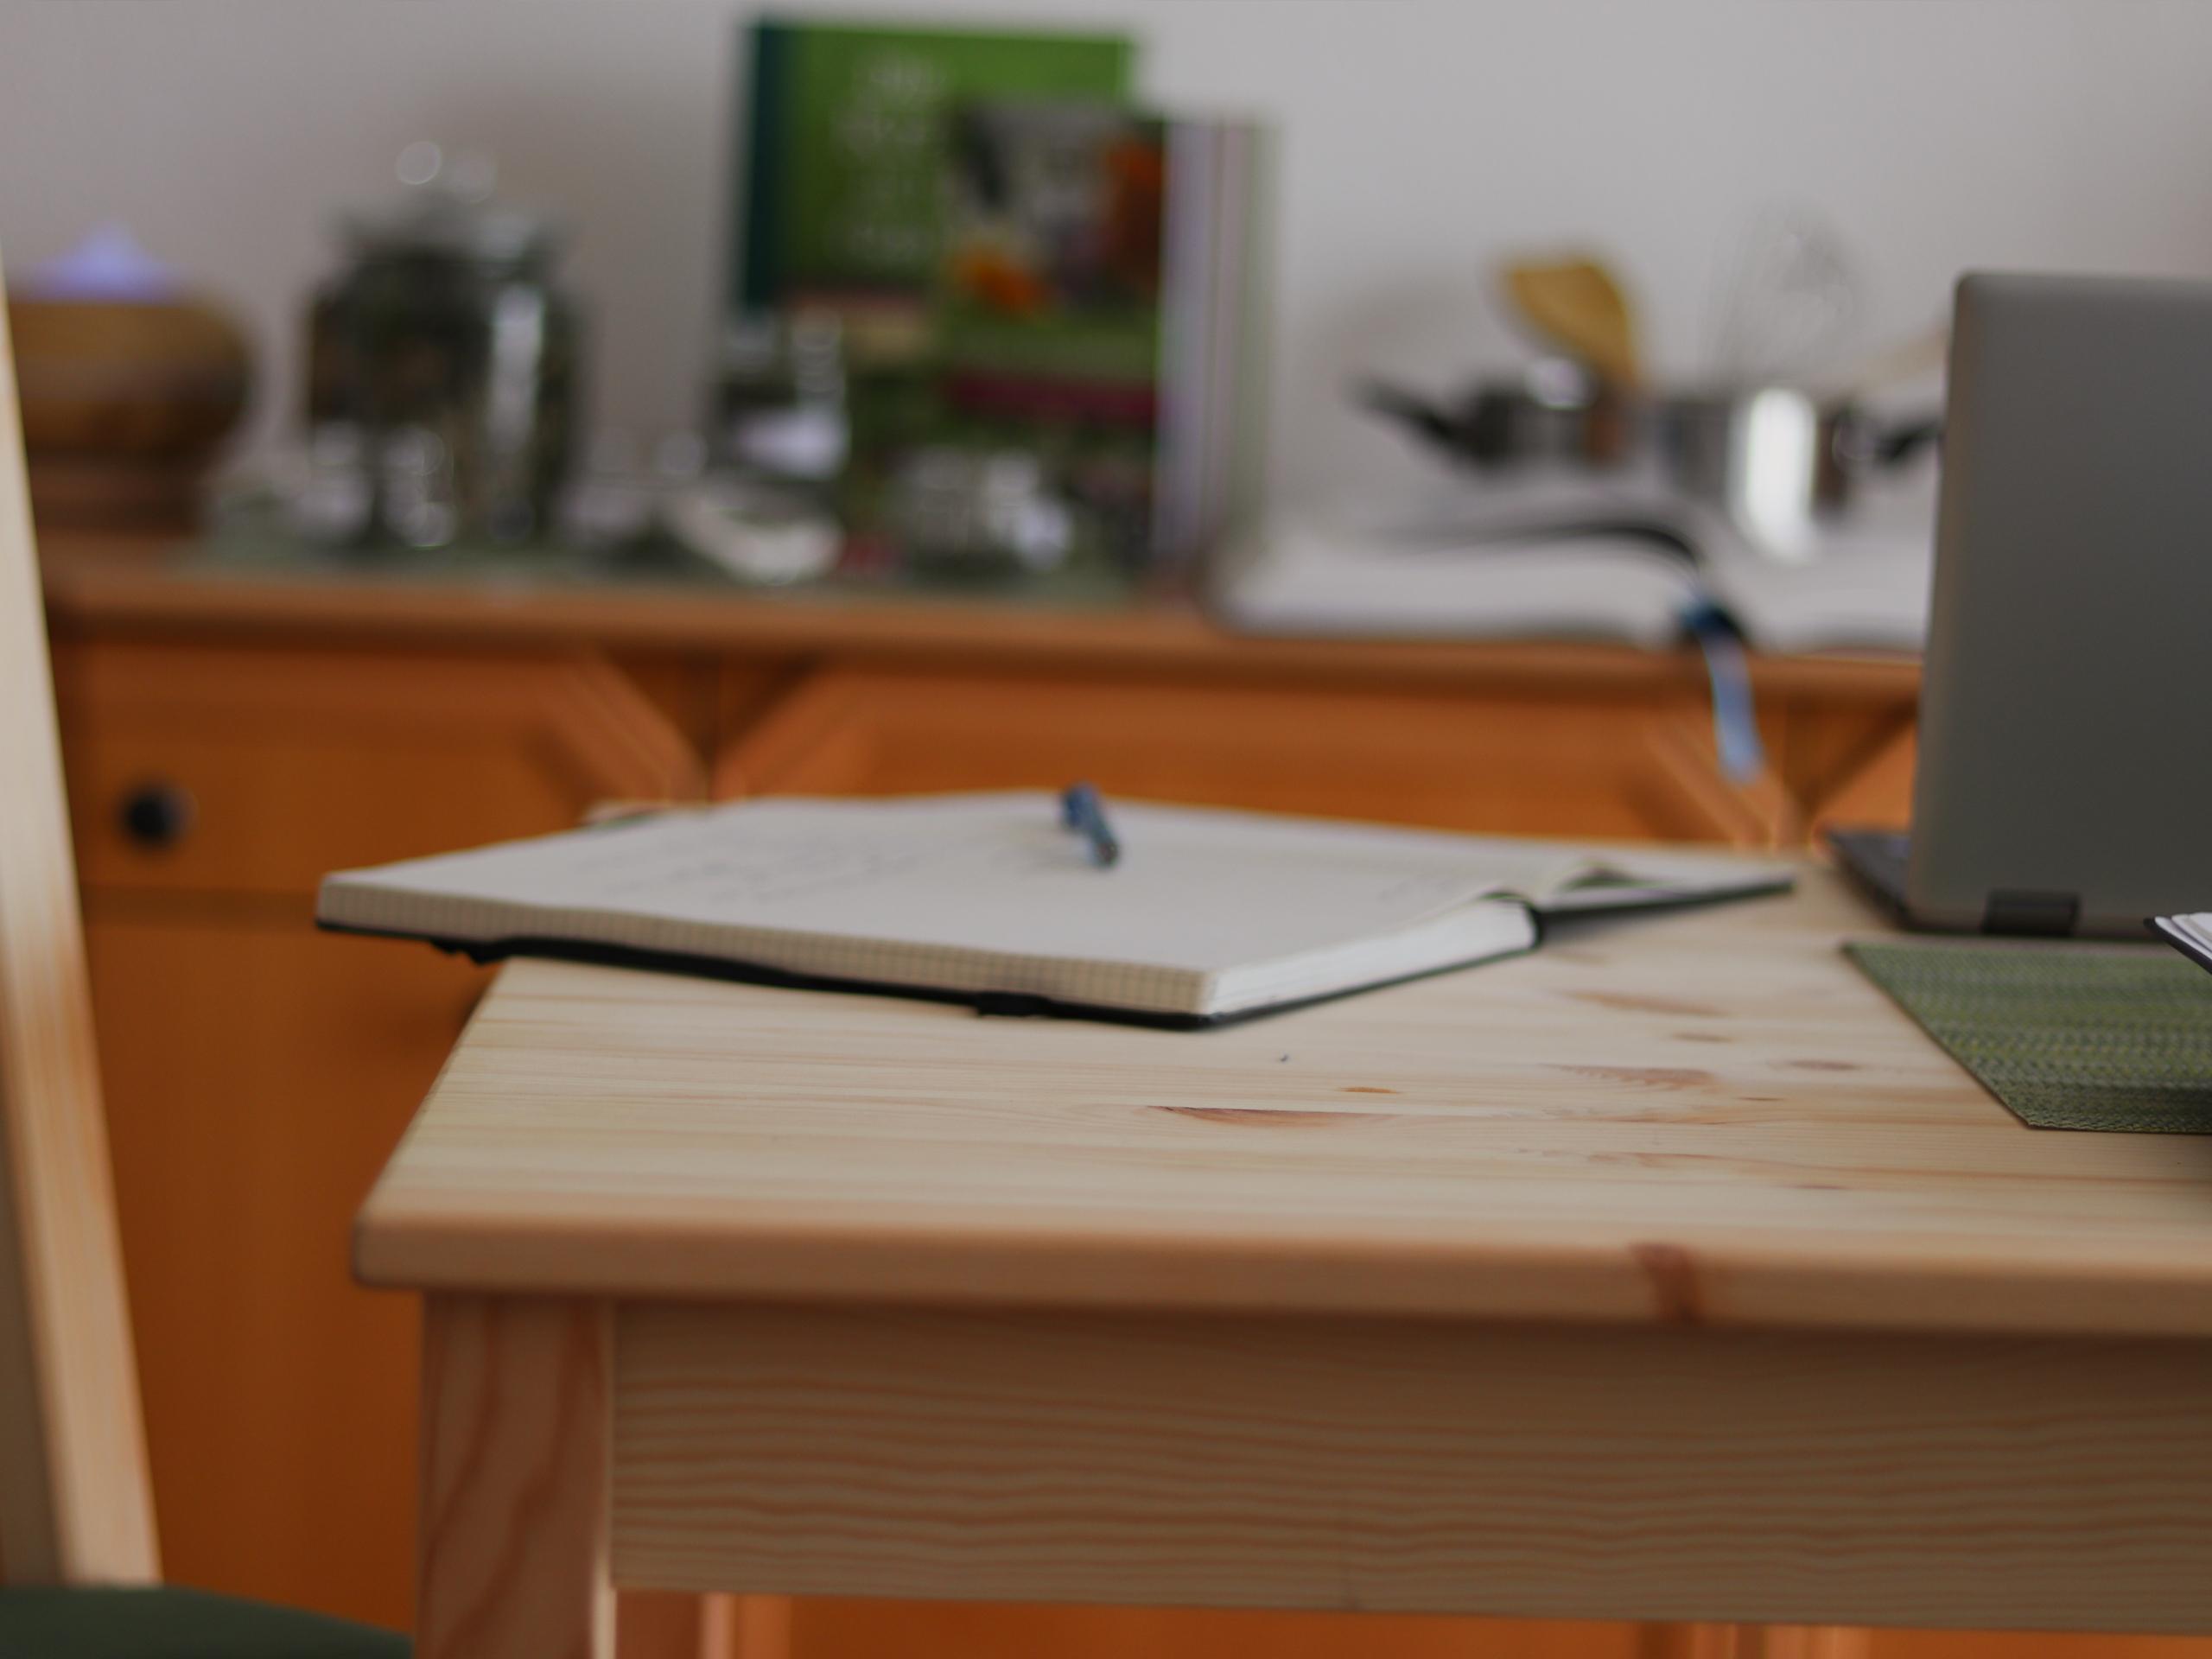 Tagebuch, das am Tisch liegt